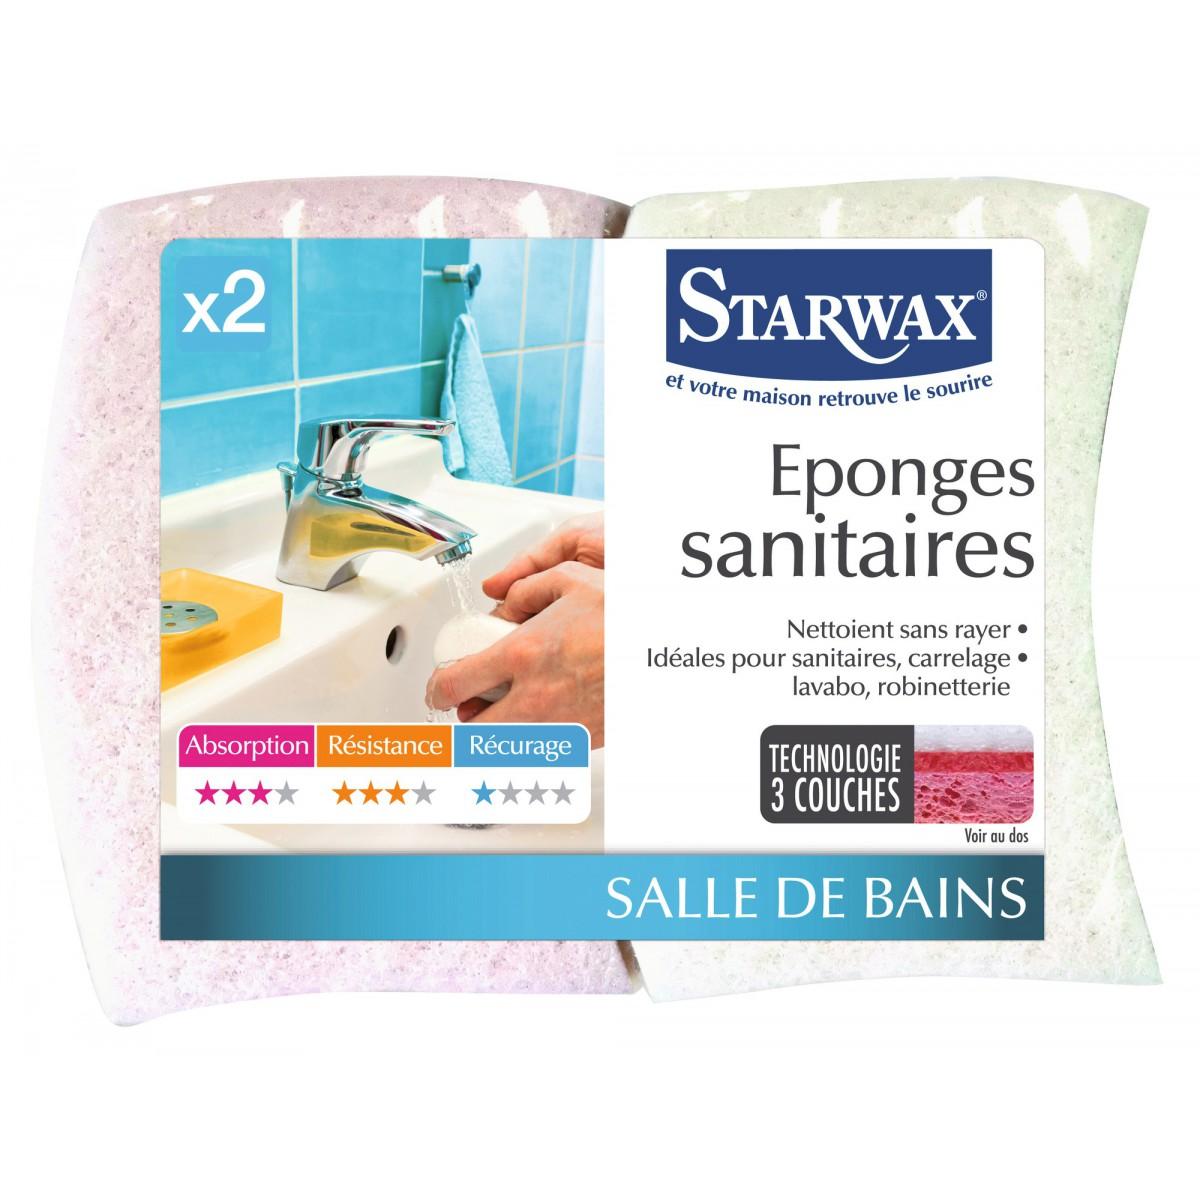 Eponge sanitaire Starwax - Vendu par 2